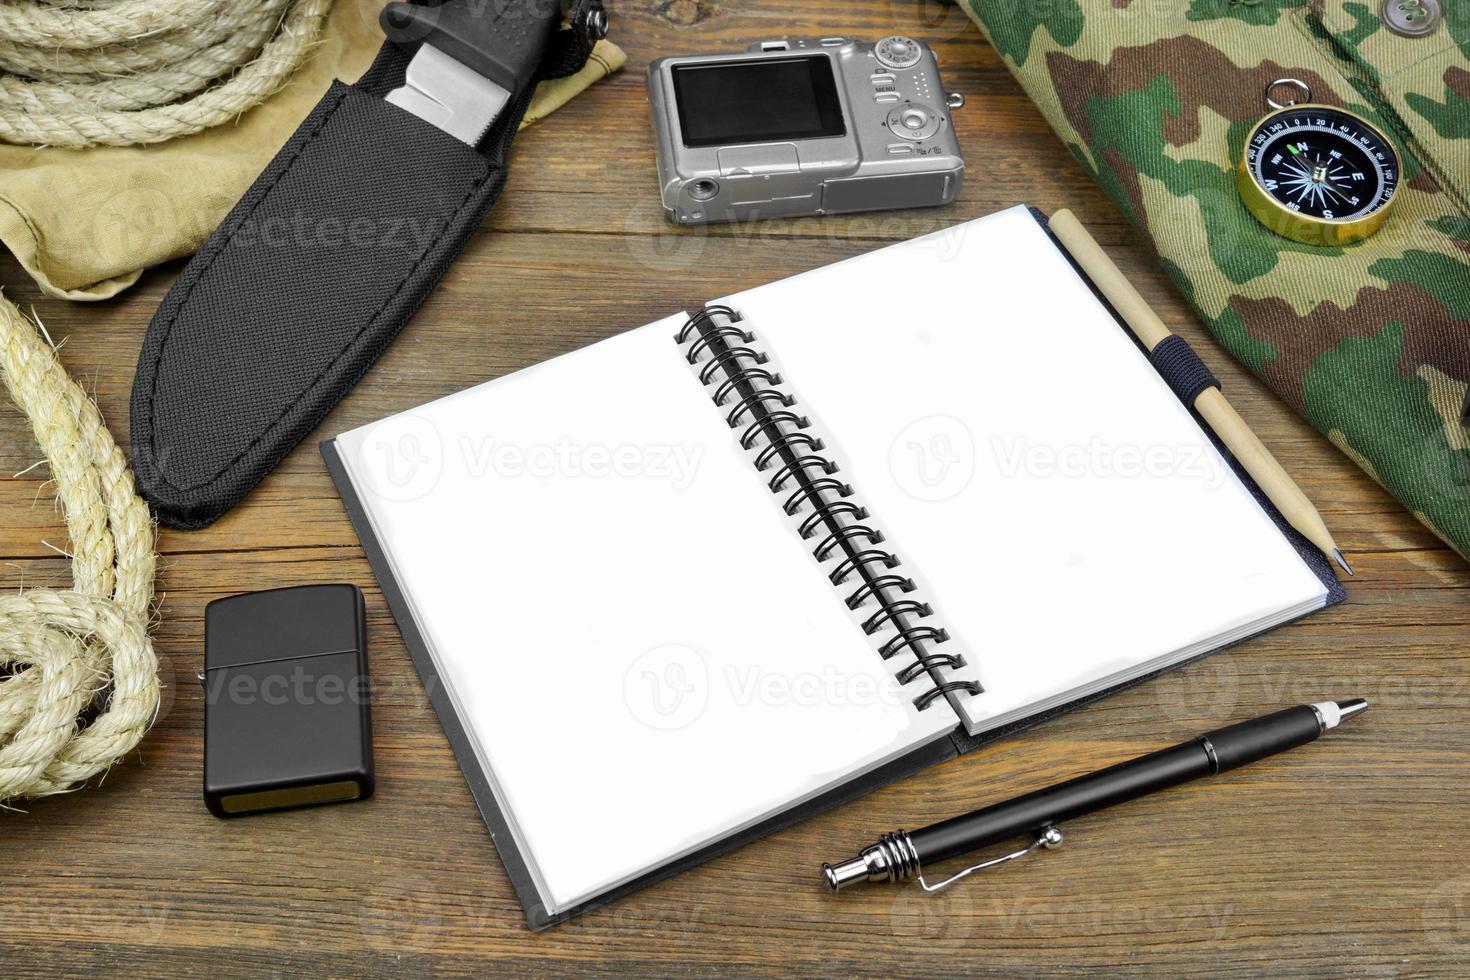 reizen voorbereiden. notitieblok openen, camera, touw, kompas, pen, foto